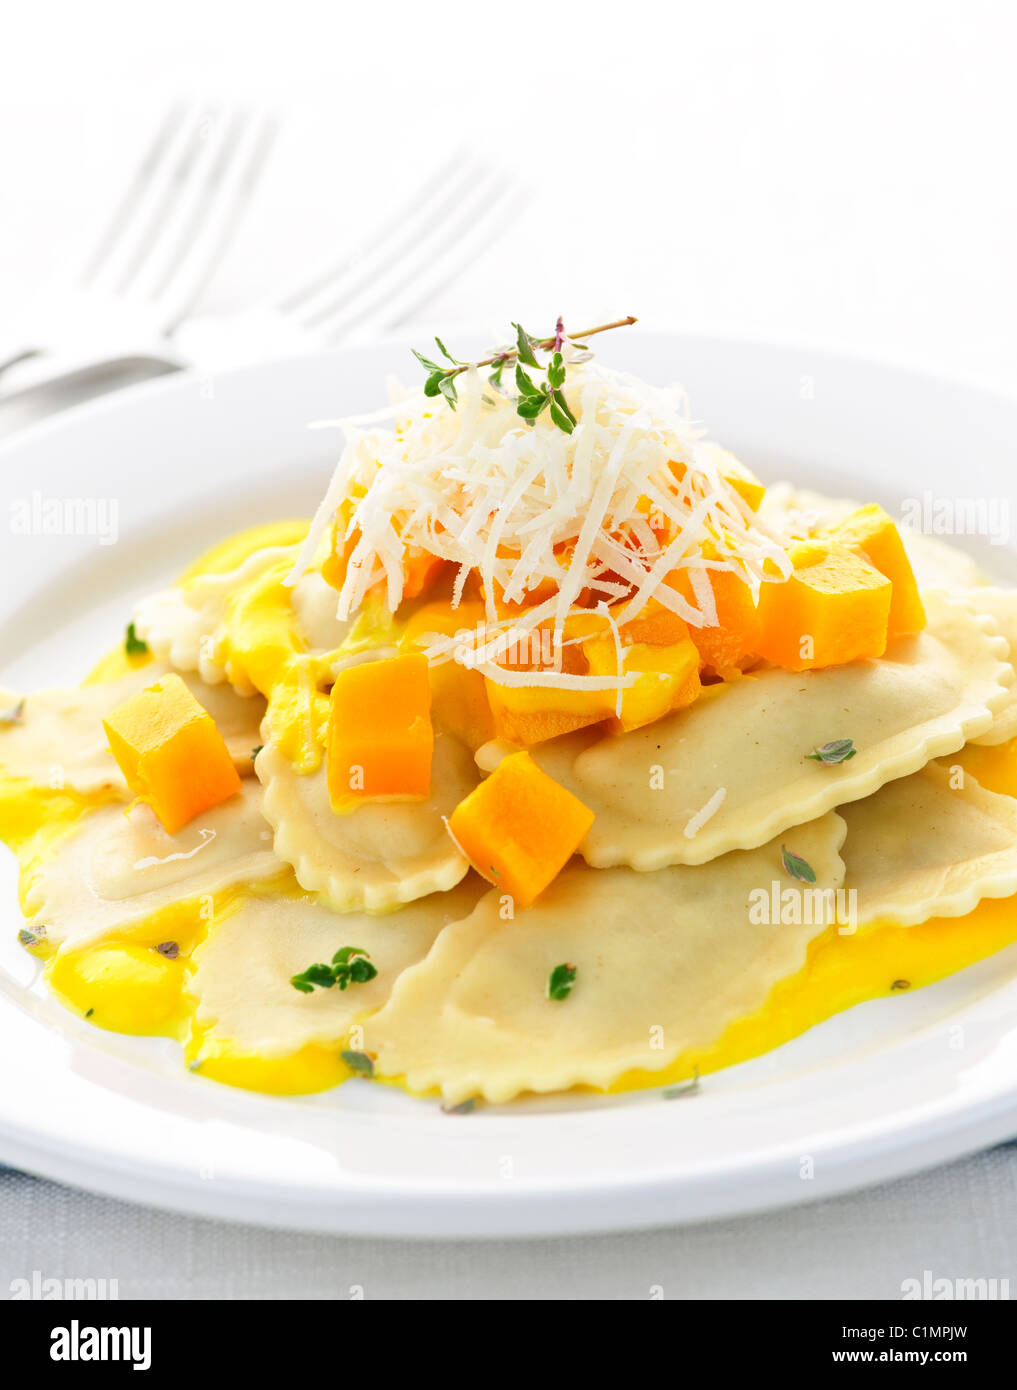 Gourmetdinner Kürbis Ravioli mit Käse auf der Platte serviert Stockbild